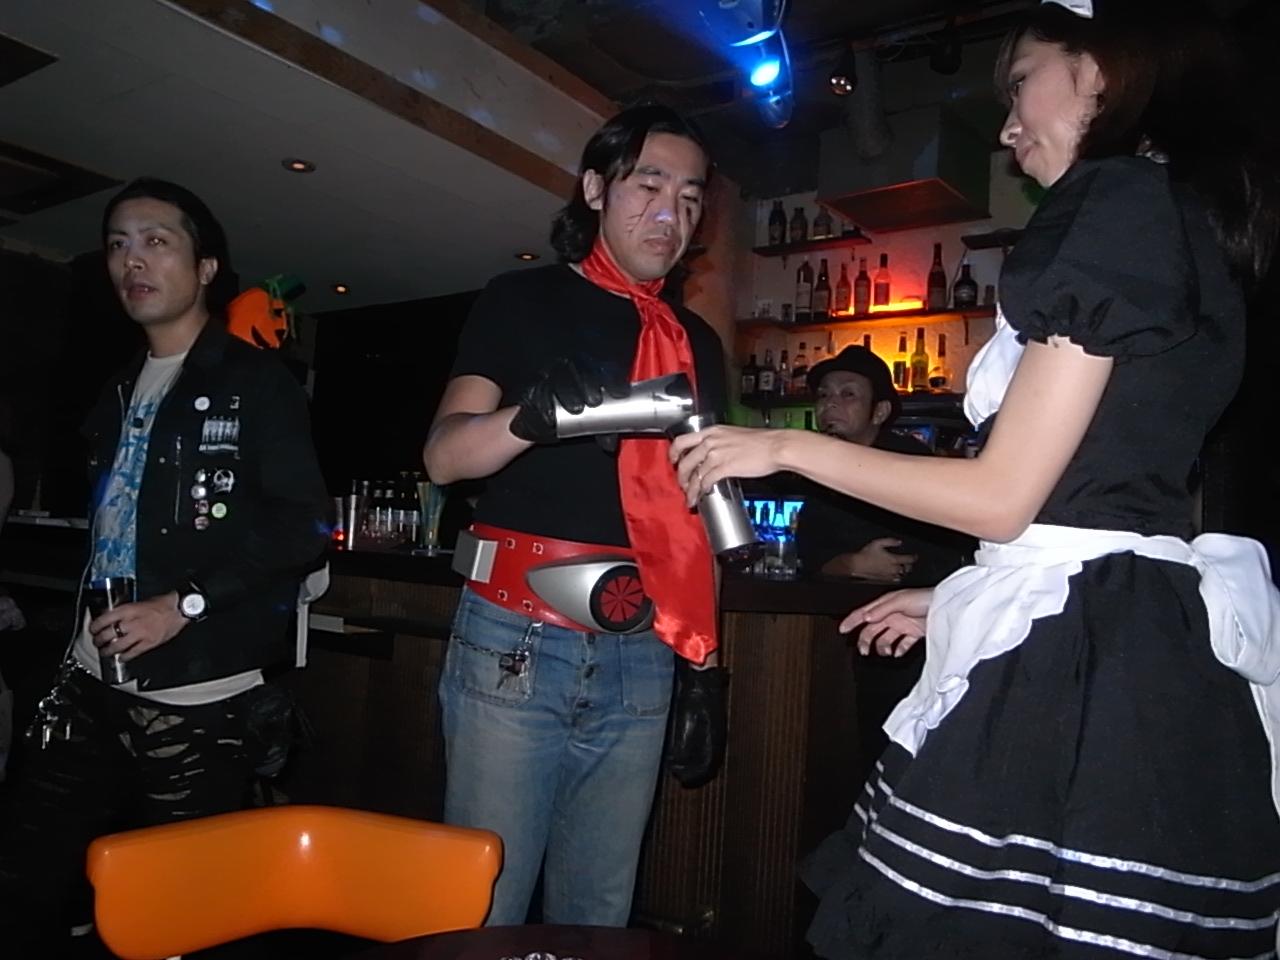 日本語ロックナイト 御礼_a0097901_15113493.jpg